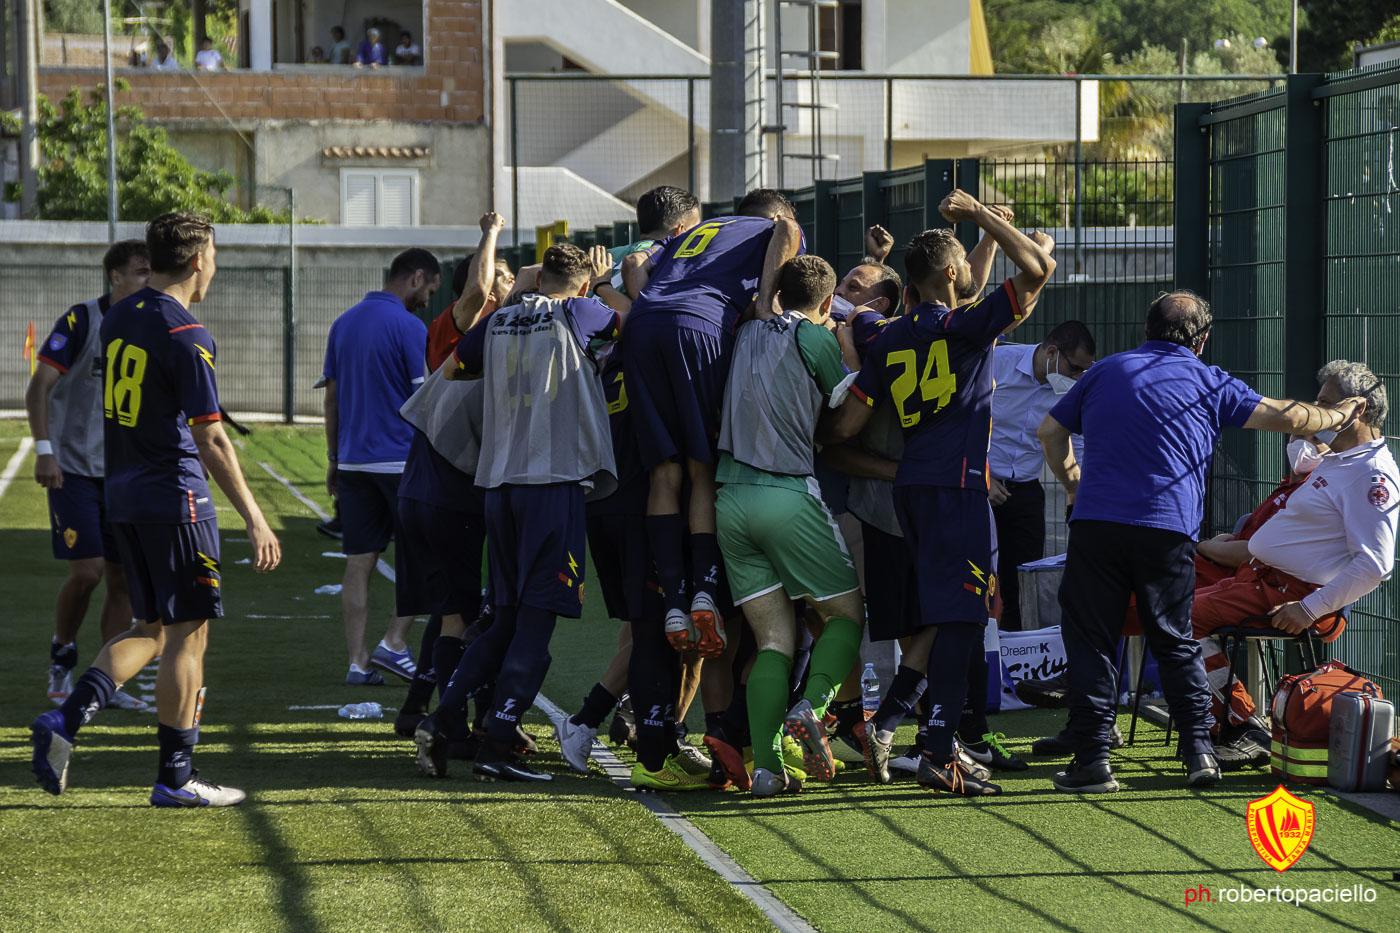 Polisportiva Santa Maria 3-0 Rende, la sintesi